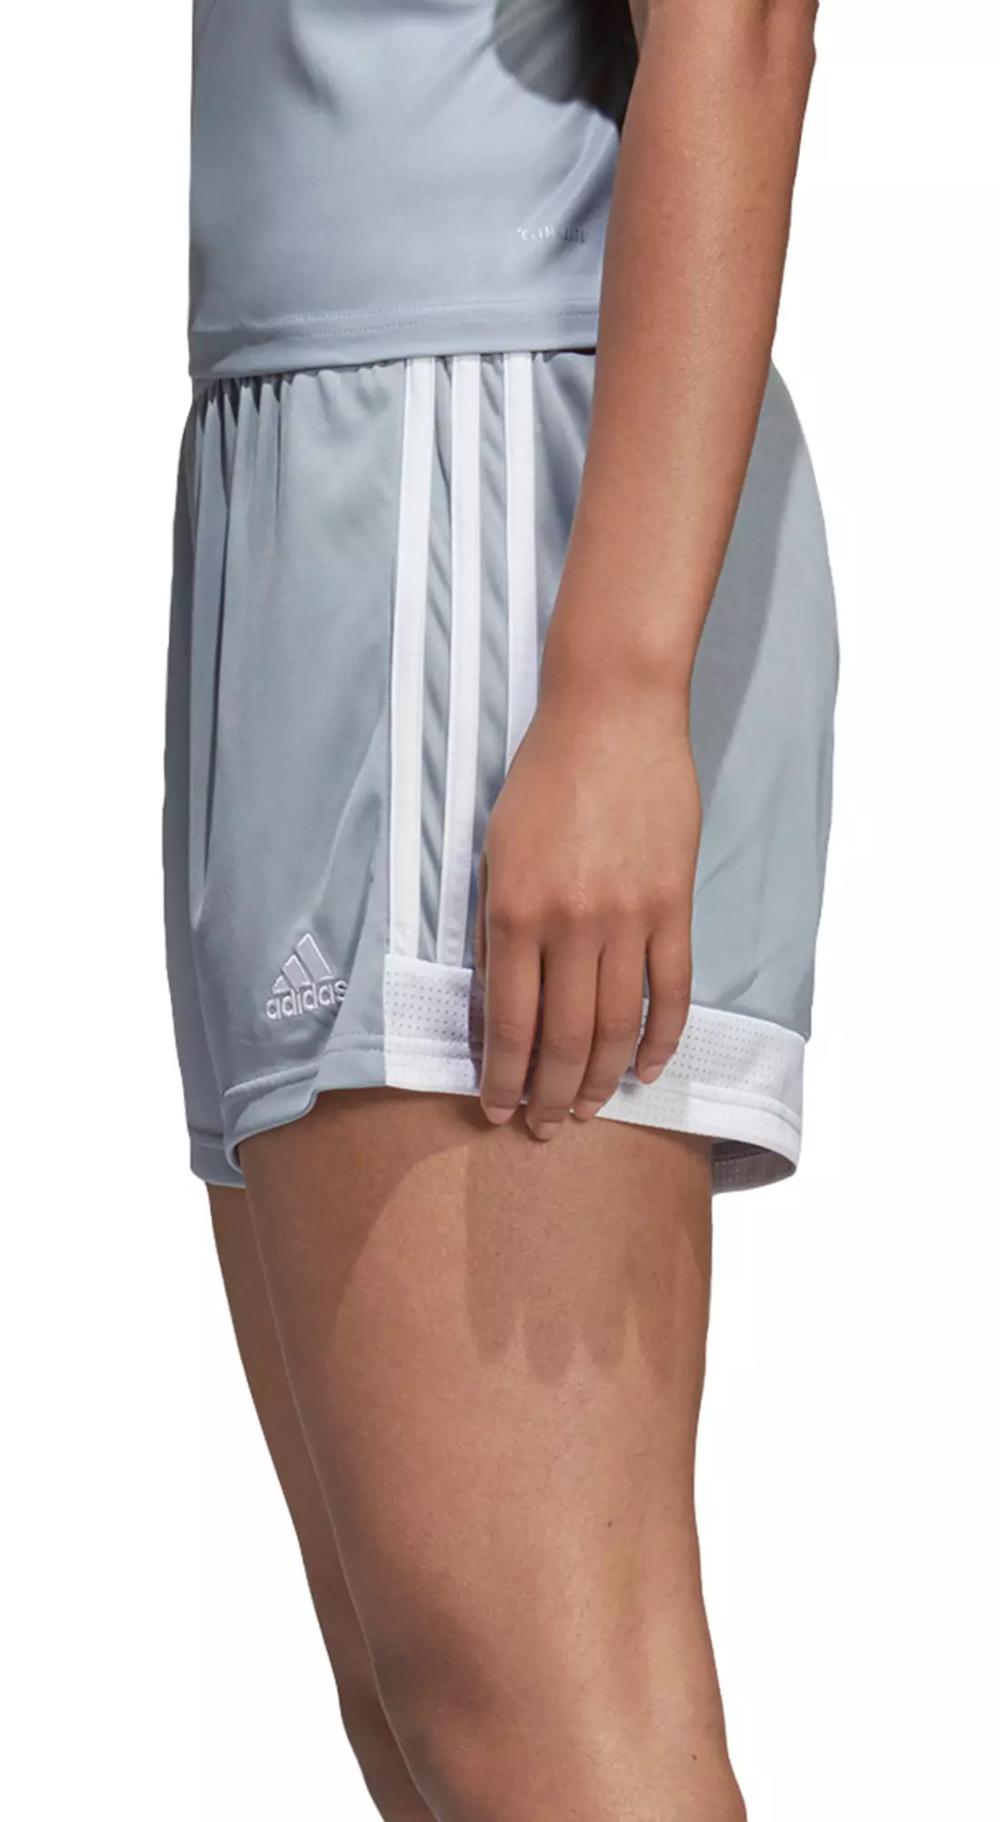 Adidas Women S Tastigo 19 Soccer Shorts In 2020 Soccer Shorts Adidas Women Adidas Shorts Women